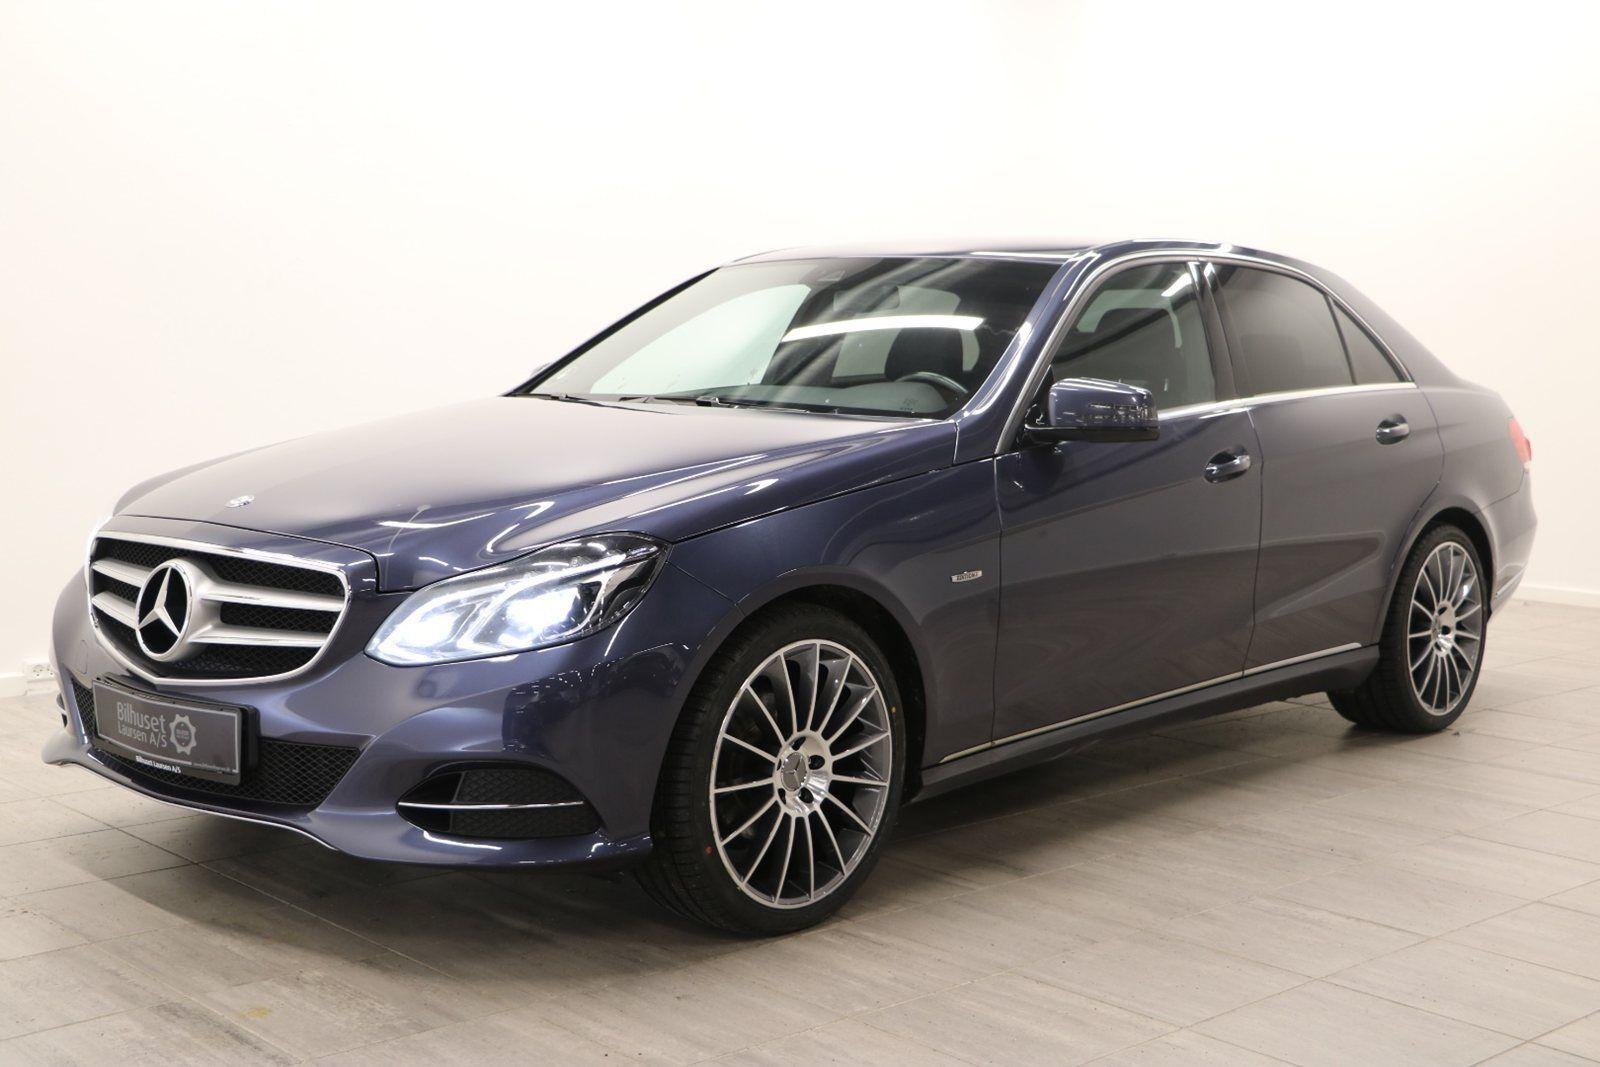 Mercedes E220 2,2 BlueTEC Edition E aut. 4d - 344.900 kr.